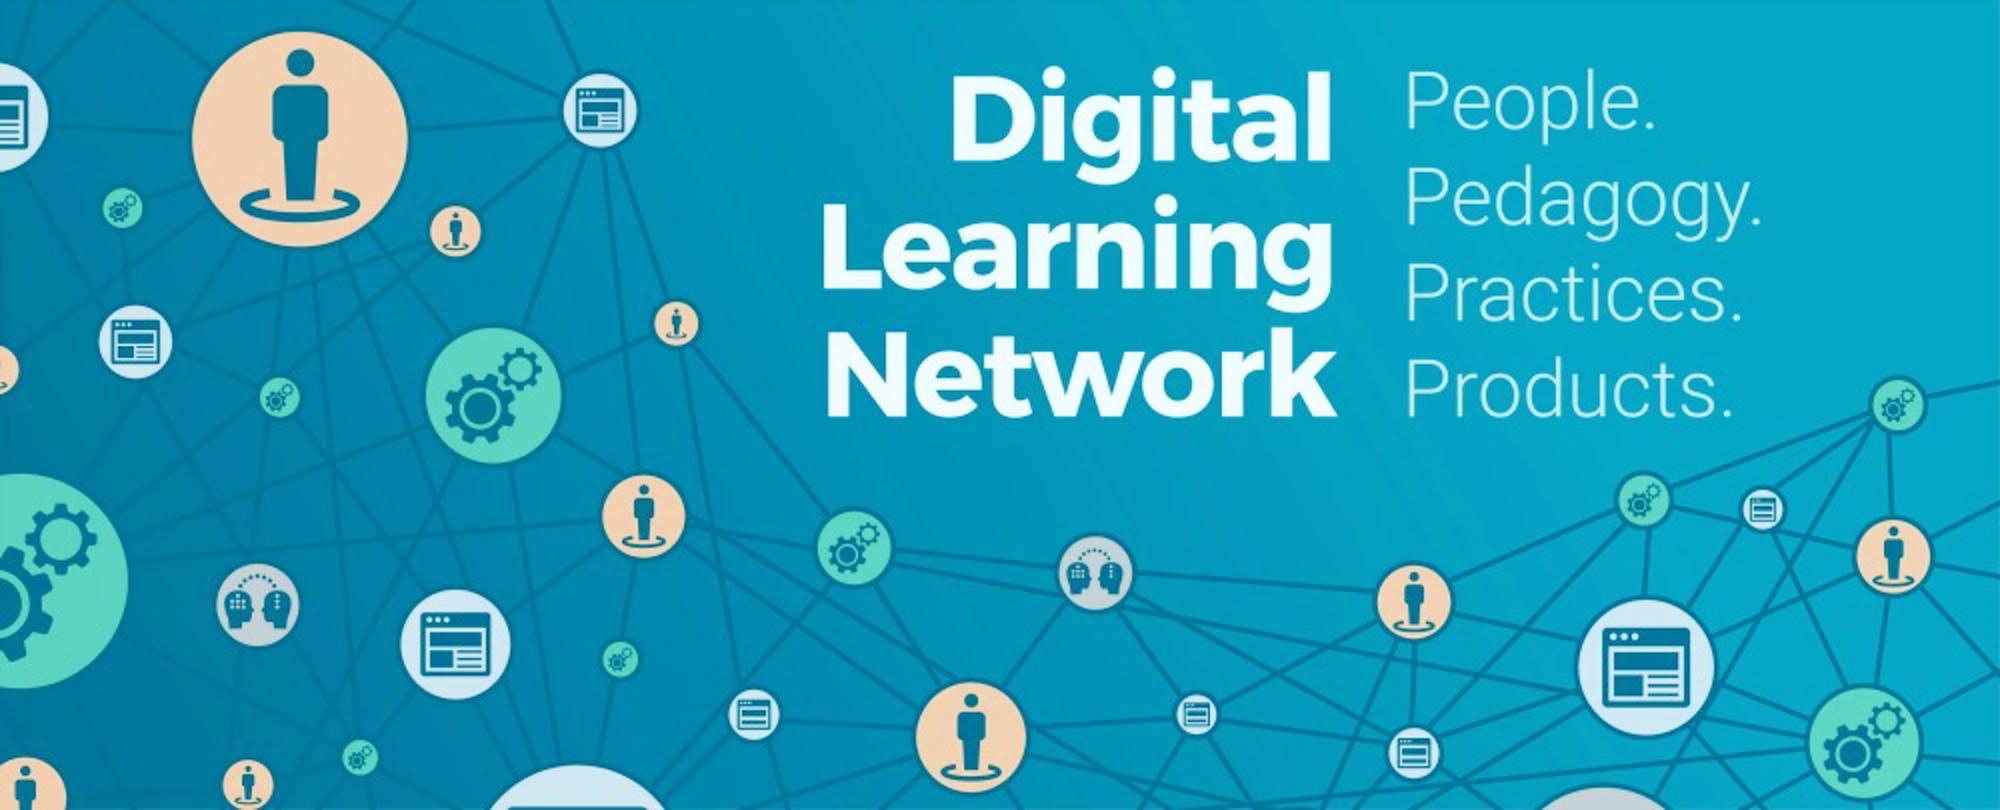 EdSurge's Digital Learning Network for Higher Ed